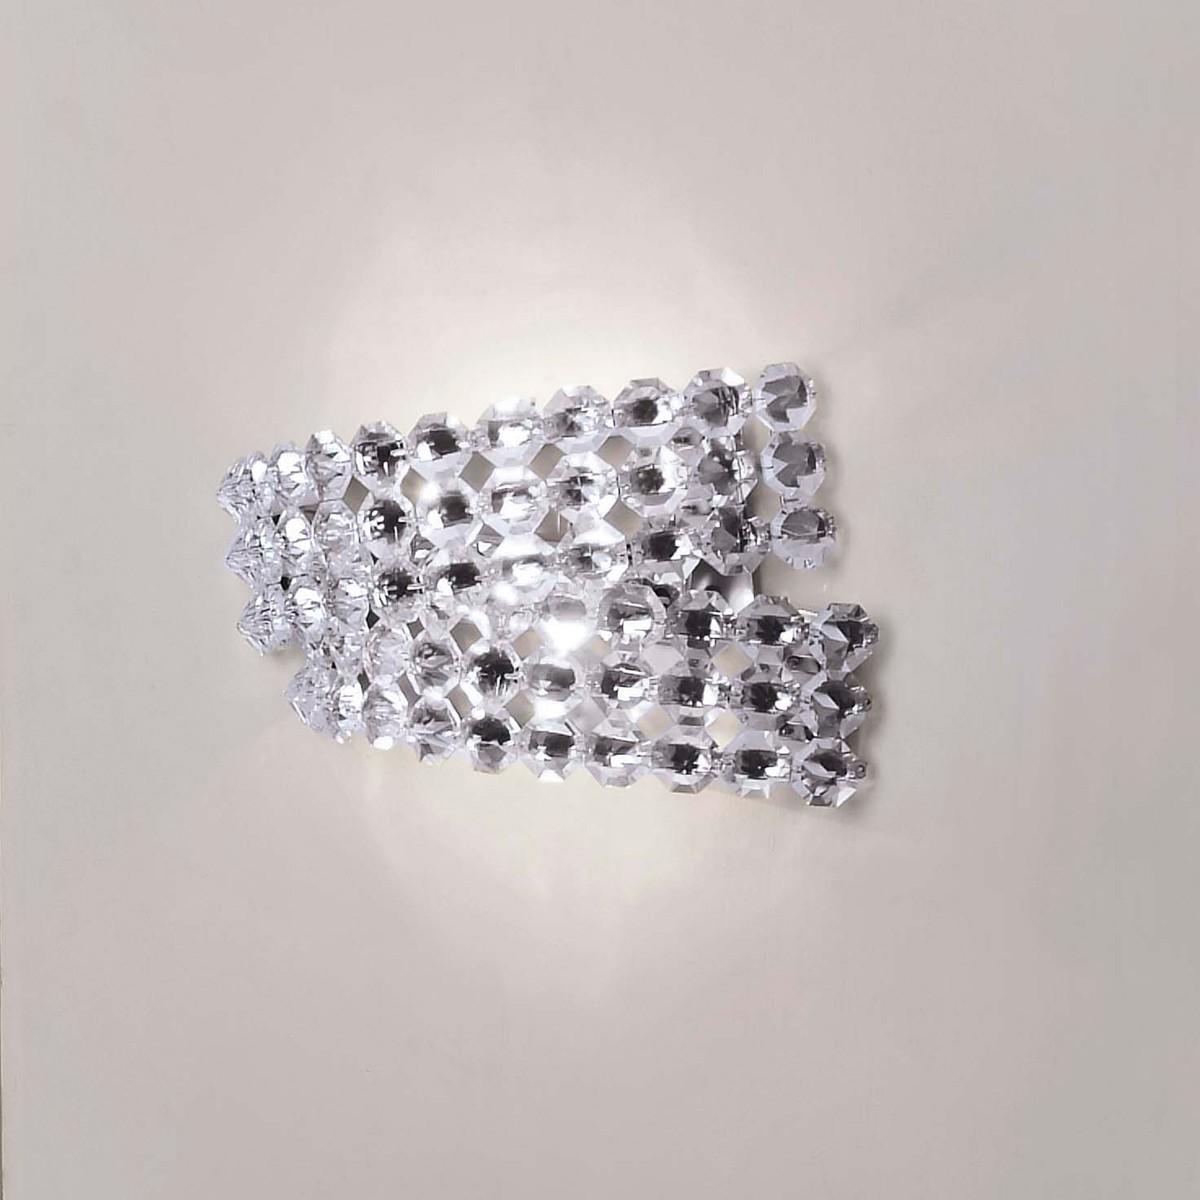 MARCHETTI Diamante AP2 Wandleuchte, Swarovski-Kristalle